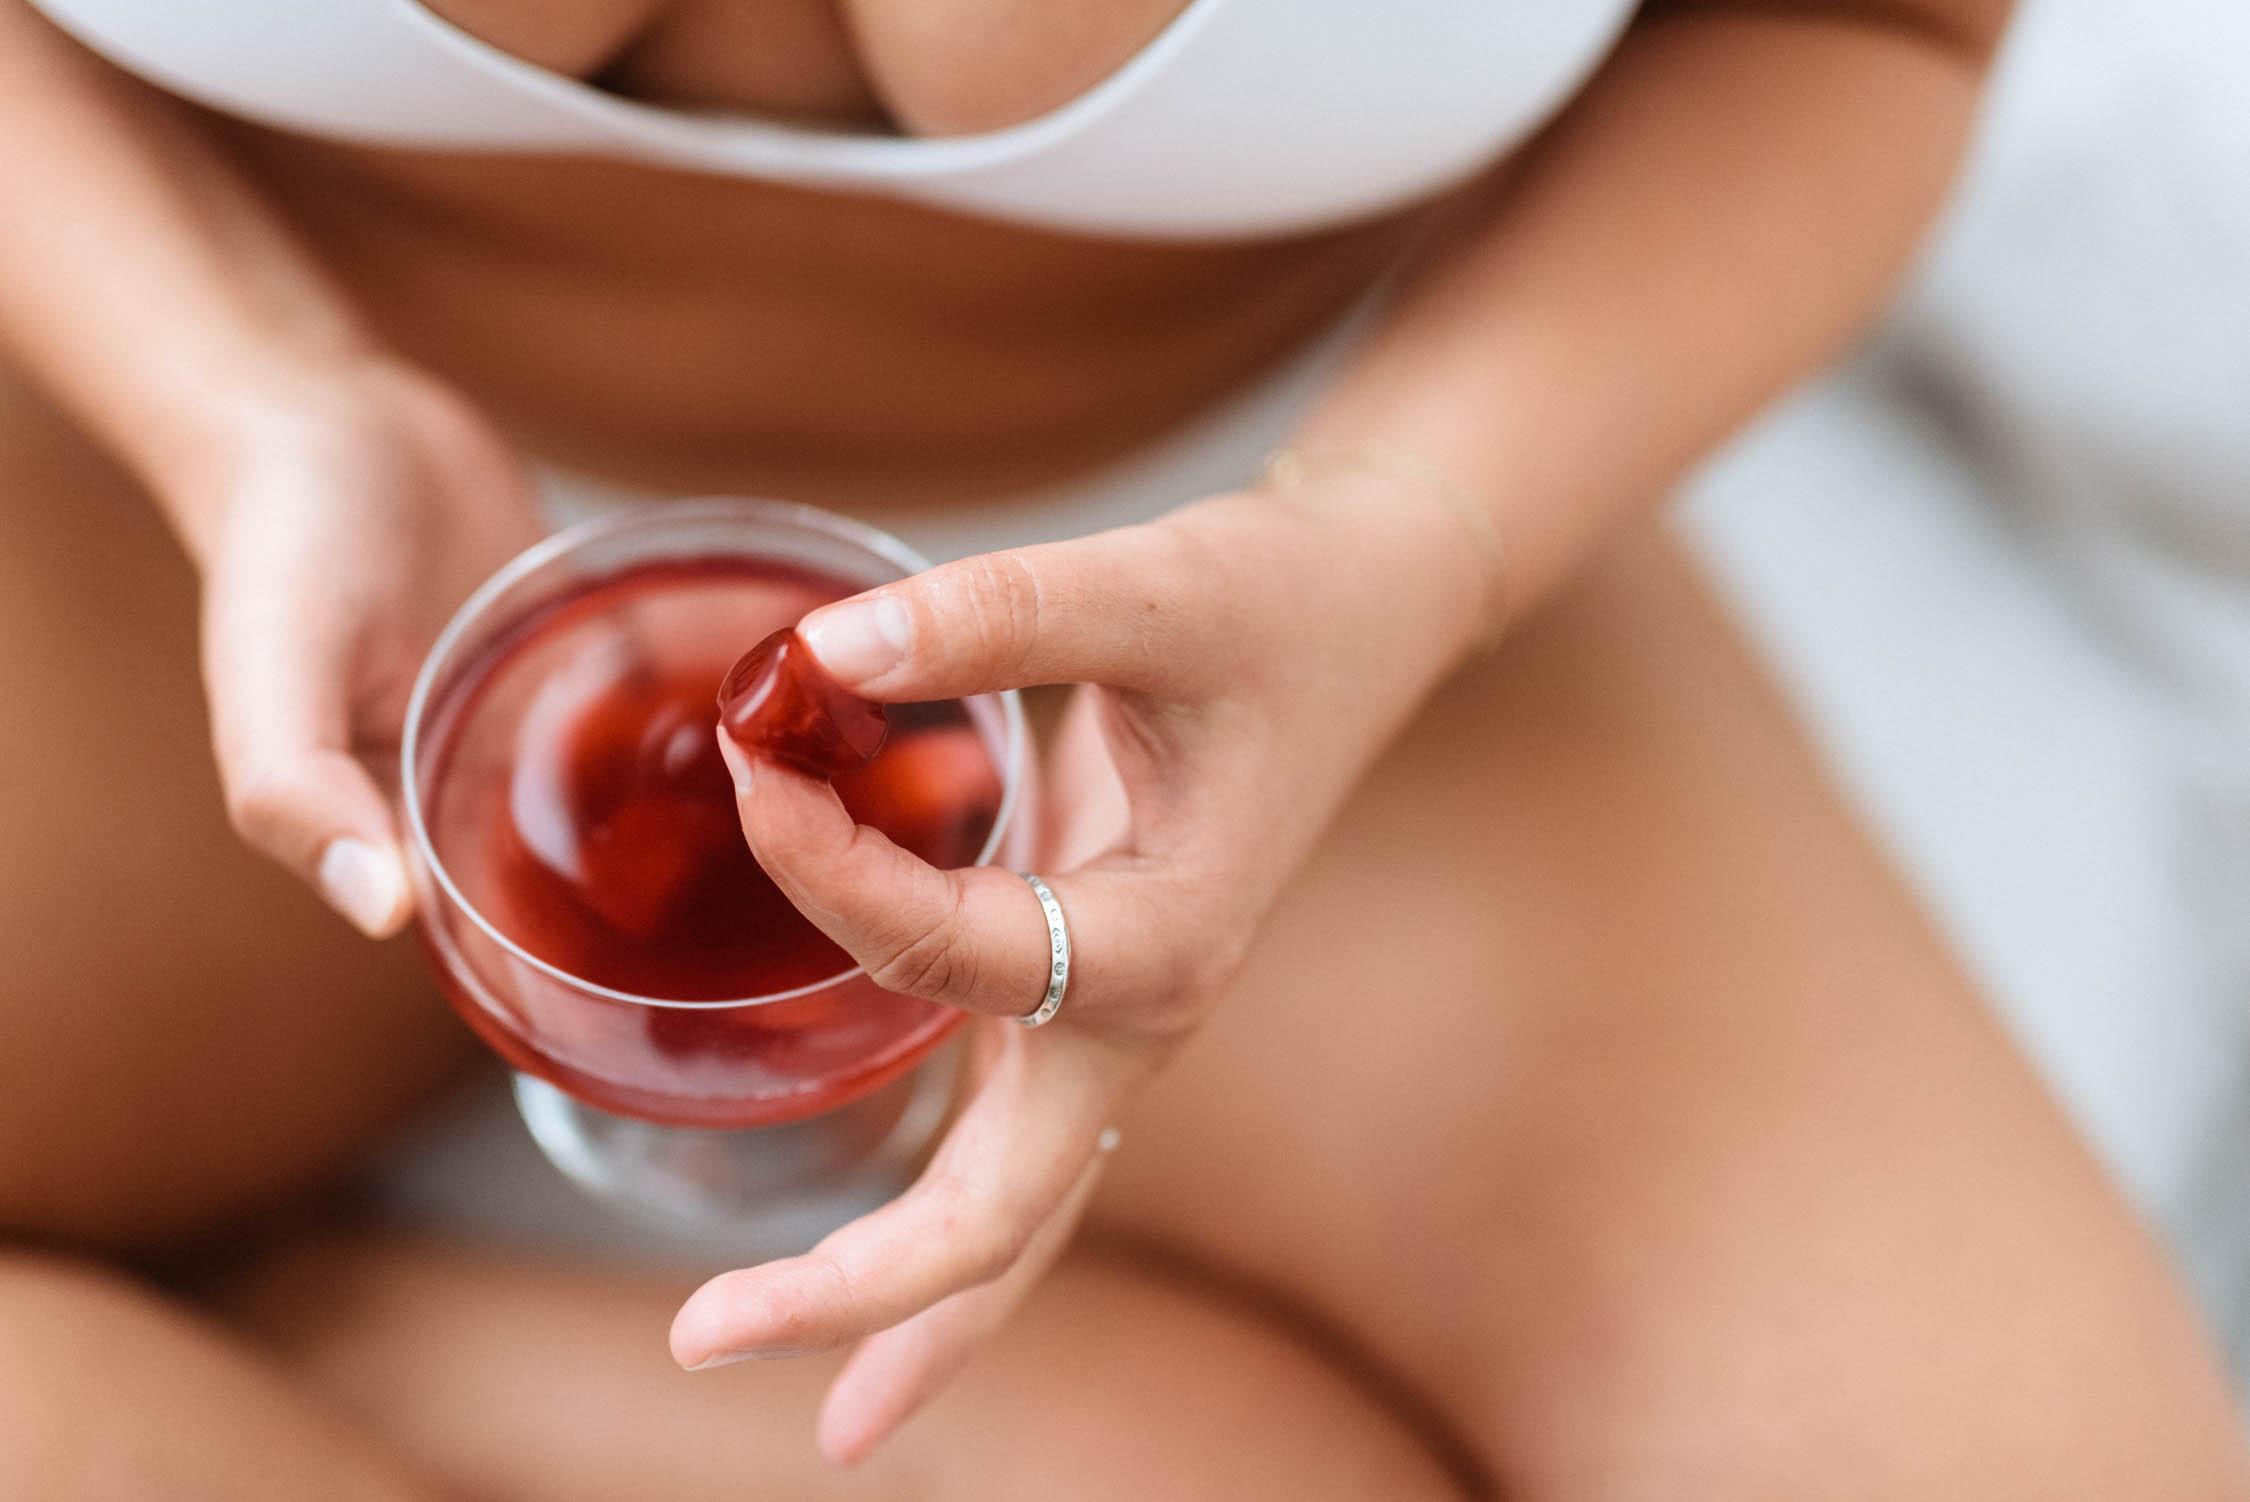 Съемка вагины из нутри, Видео из вагины женский оргазм 3 фотография